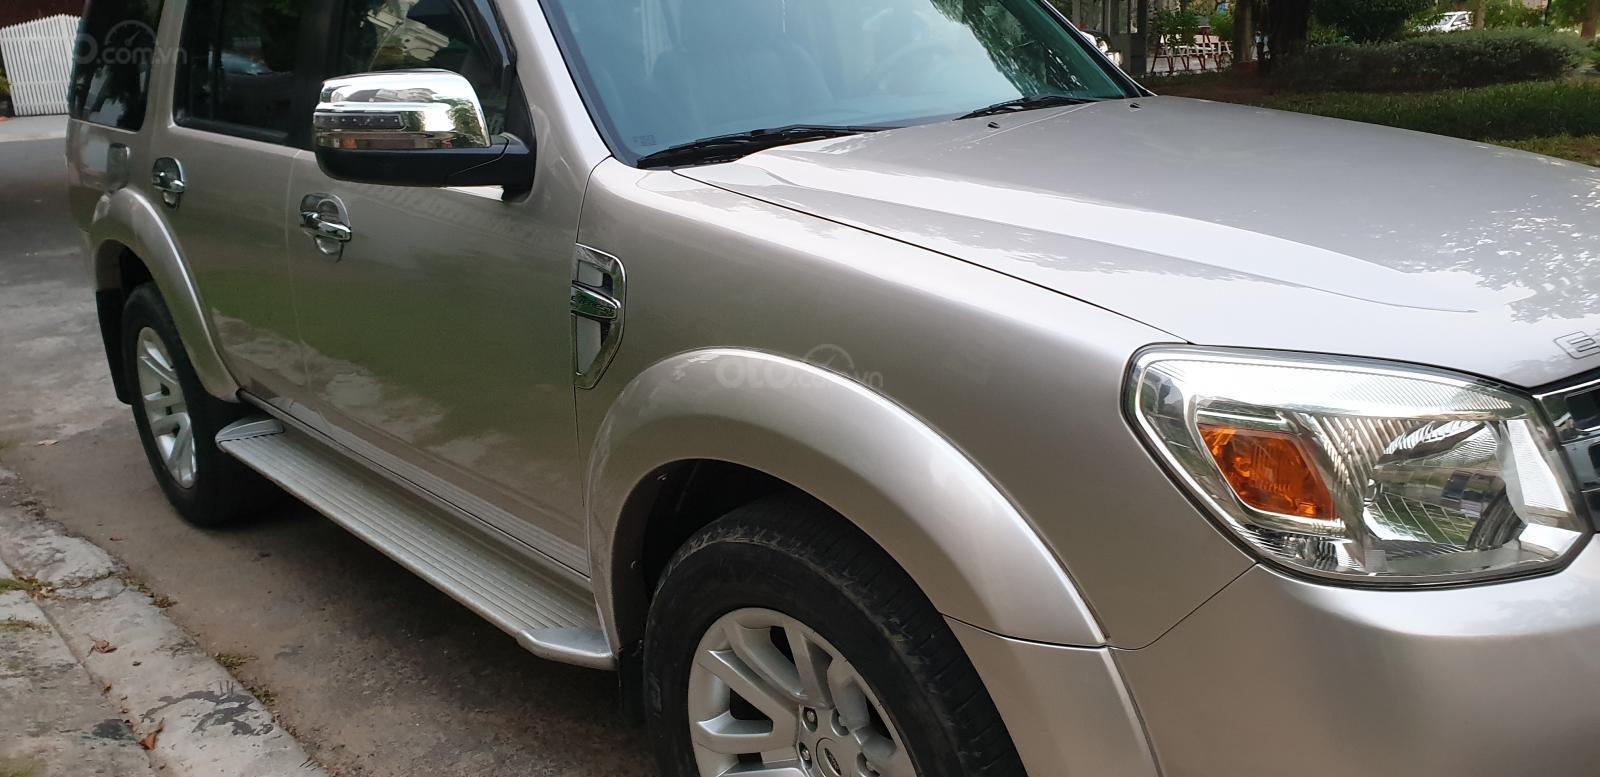 Bán Ford Everest Limited dầu 2.5 số tự động đời t5/2015, màu ghi vàng đẹp mới 90% (4)